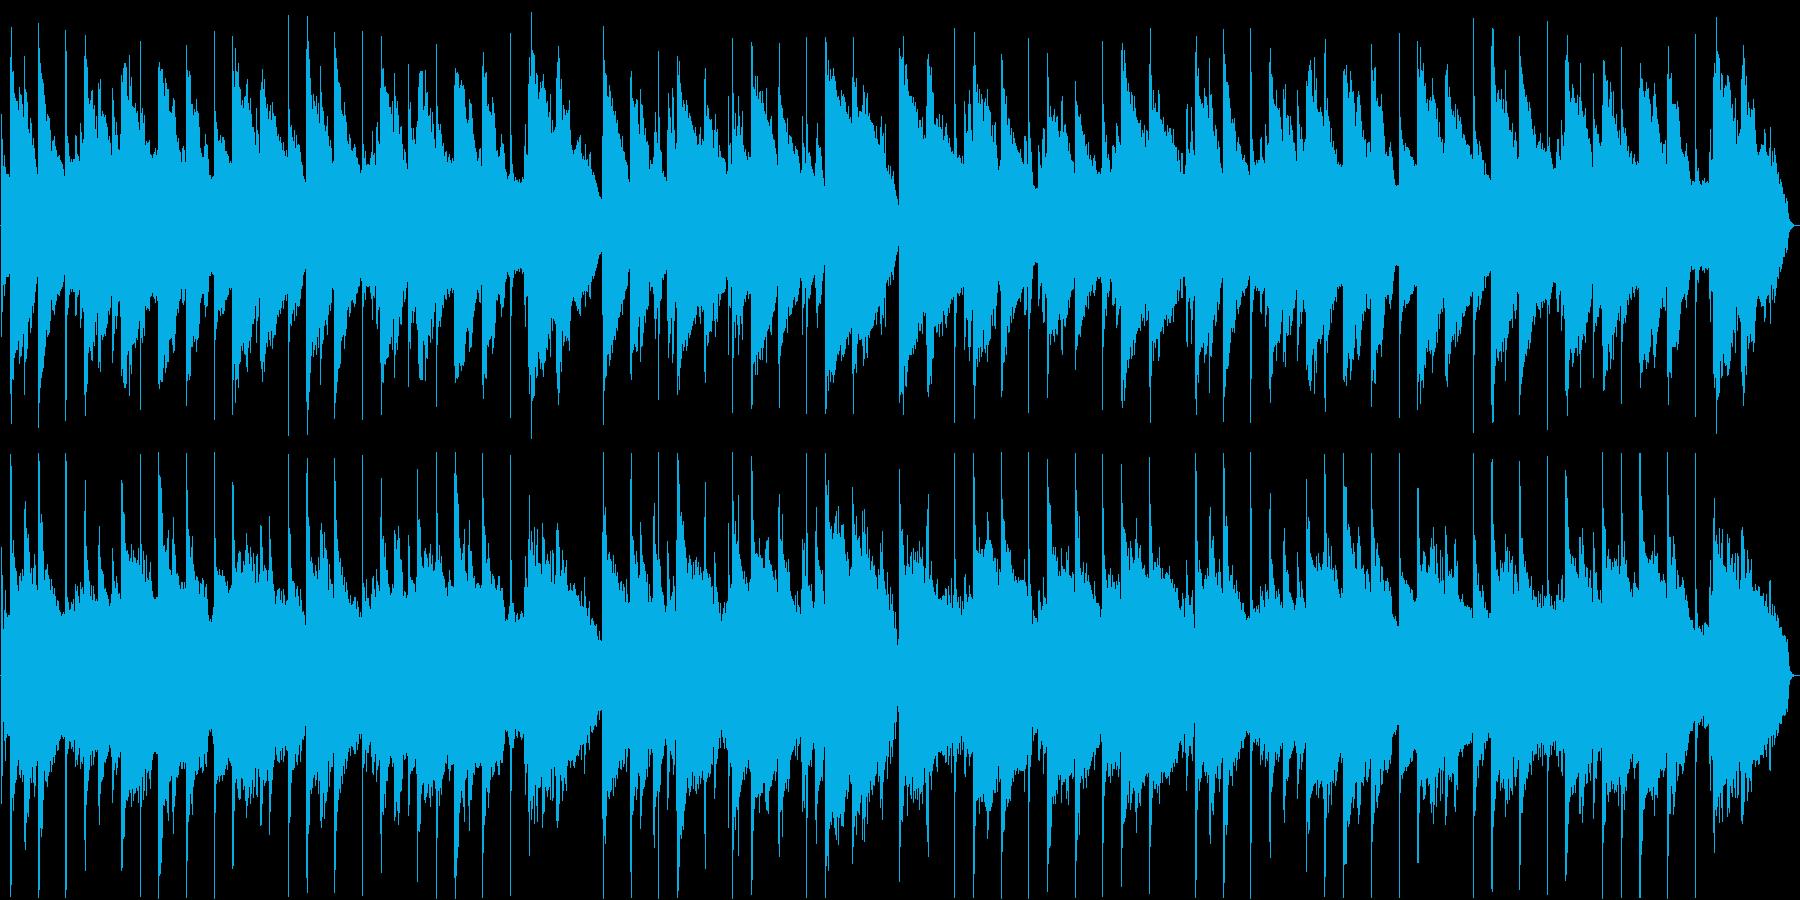 やさしい気持ちになるピアノ旋律のバラードの再生済みの波形